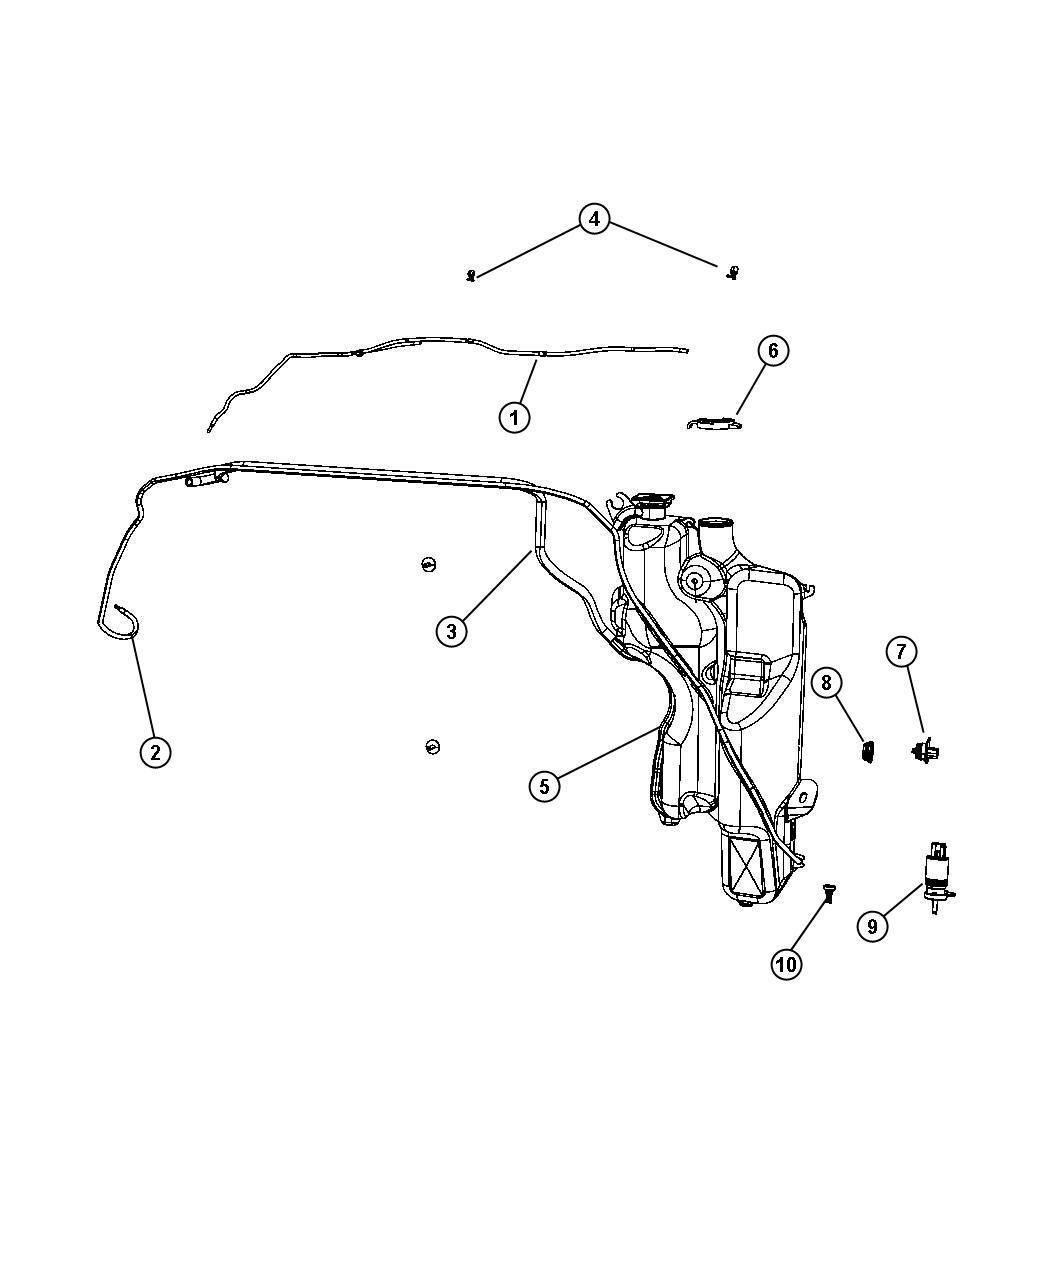 2011 Dodge Ram 2500 Nozzle  Windshield Washer  System